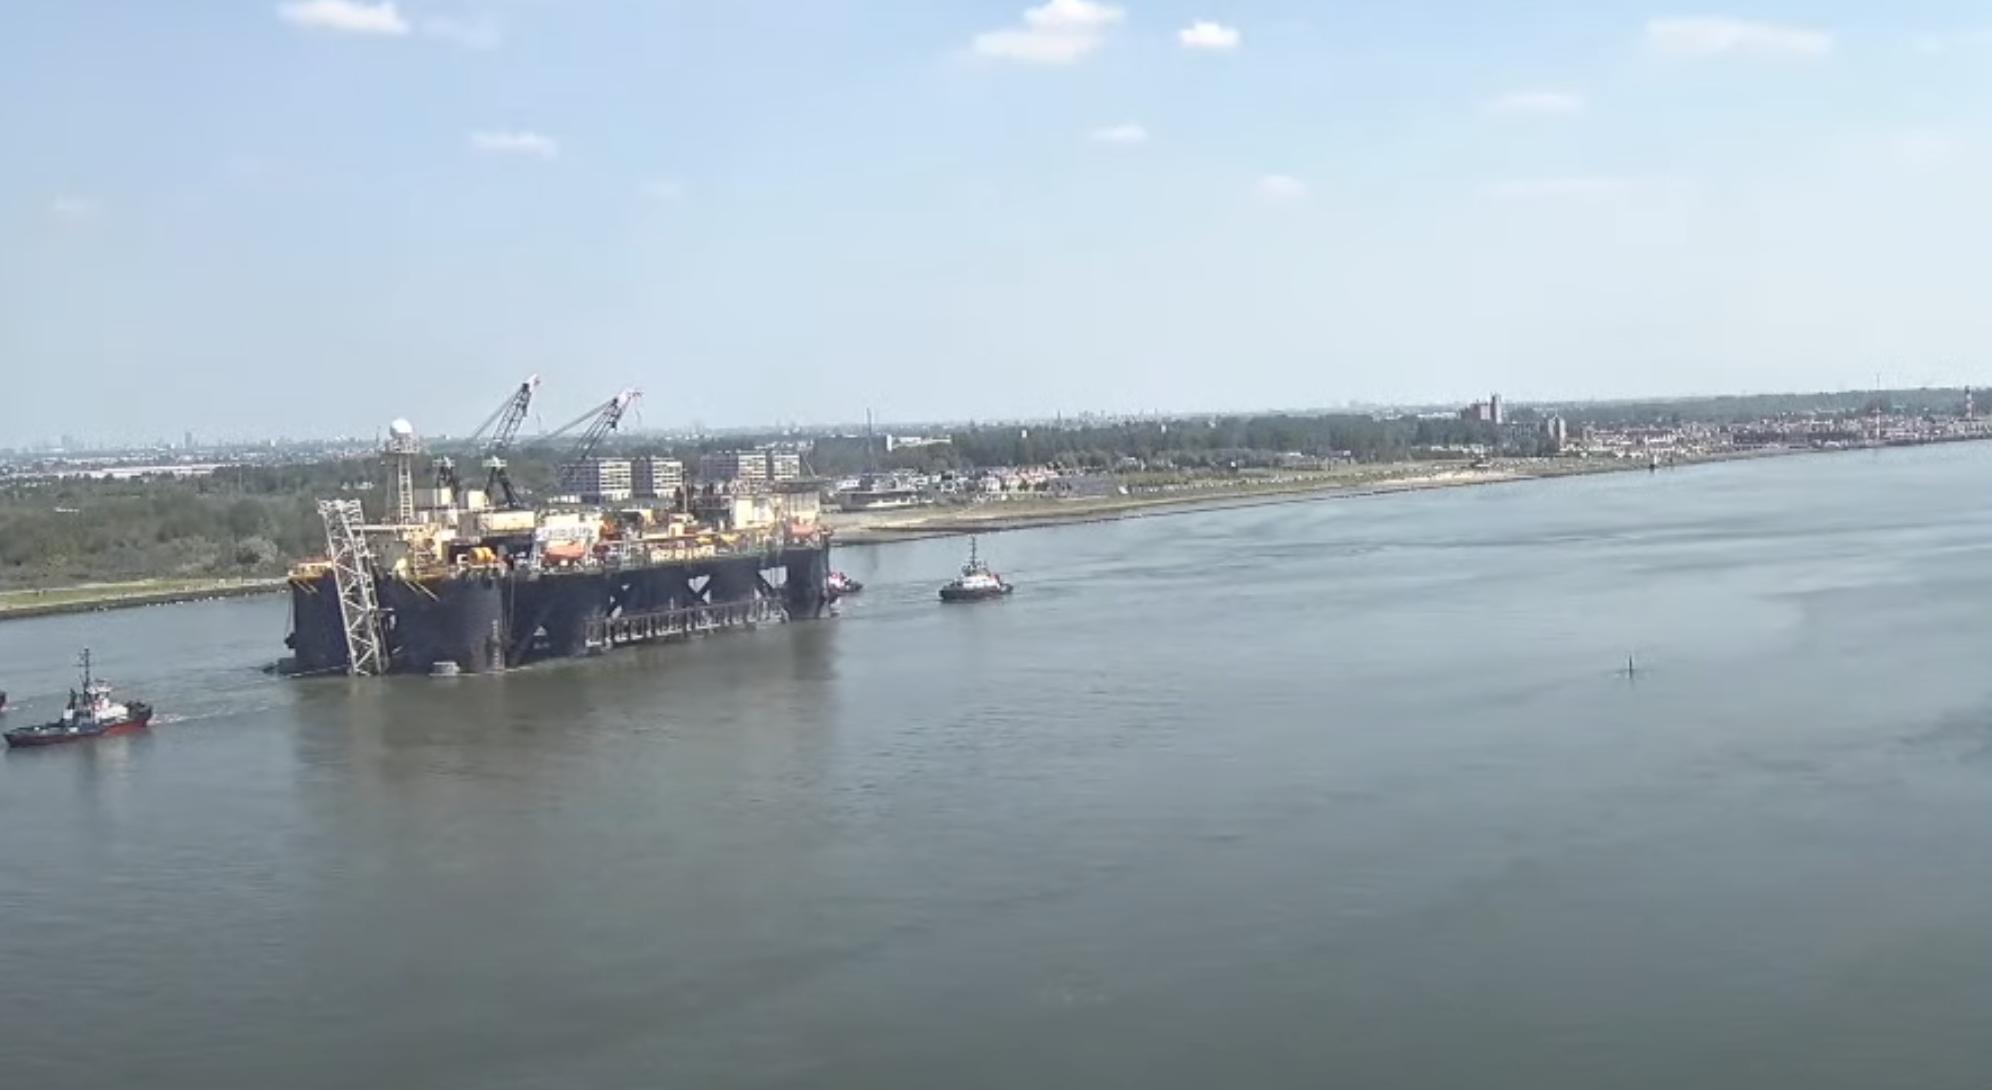 Castoro Sei podczas wyjścia z Rotterdamu fot.Mariusz Marszałkowski/Rotterdam Webcam